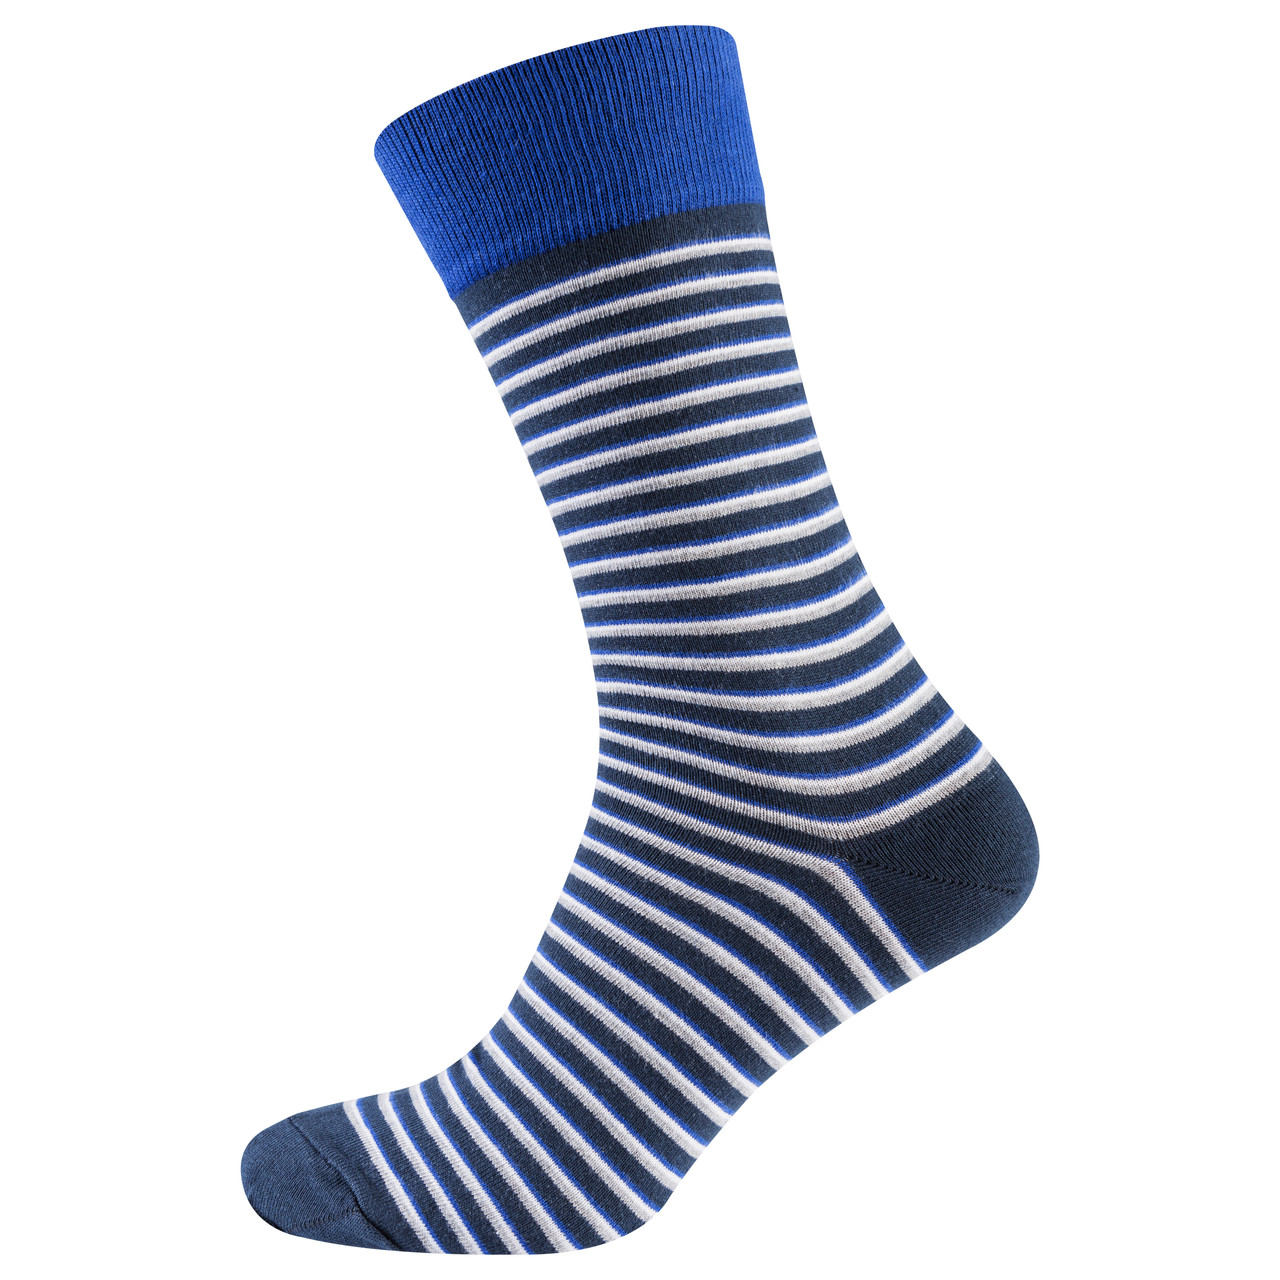 Носки мужские цветные из хлопка, синяя полоска